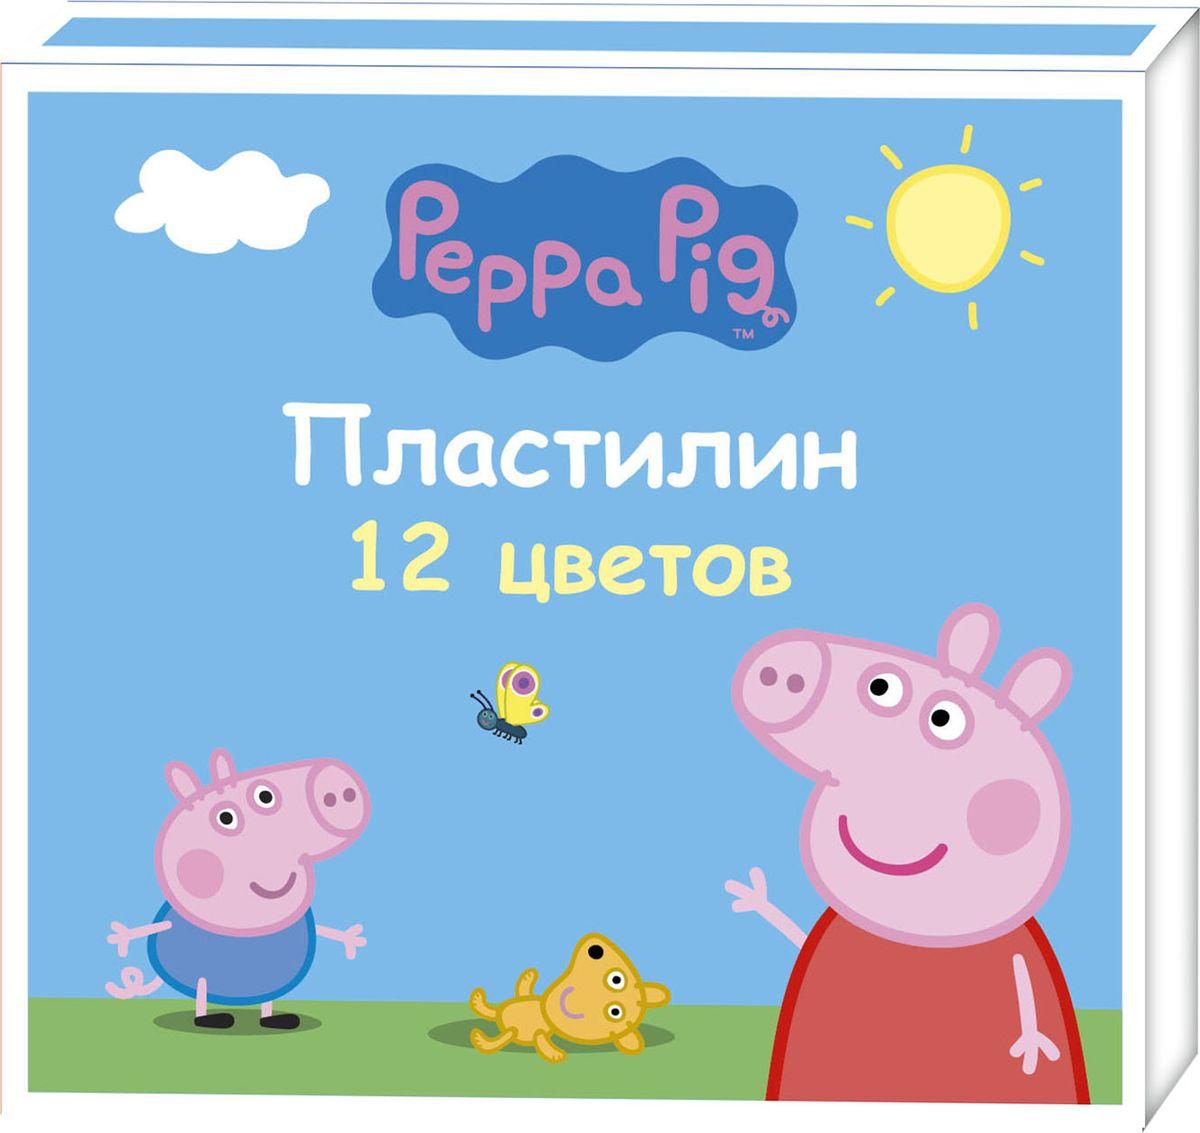 Peppa Pig Пластилин Свинка Пеппа 12 цветов32036Яркий и легко размягчающийся пластилин Свинка Пеппа поможет вашему малышу создать множество интересных поделок, а любимые герои мультфильма вдохновят его на новые творческие идеи. Лепить из этого пластилина легко и приятно: он обладает отличными пластичными свойствами, не липнет к рукам, не имеет запаха, его цвета легко смешиваются друг с другом. Создавайте новые цвета и оттенки, фантазируйте, экспериментируйте - это увлекательно и полезно: лепка активно тренирует у ребенка мелкую моторику и умение работать пальчиками, развивает тактильное восприятие формы, веса и фактуры, совершенствует воображение и пространственное мышление. В наборе Свинка Пеппа 12 ярких цветов пластилина по 15 г и пластиковая стека.Состав: парафин, петролатум, мел, каолин, красители.